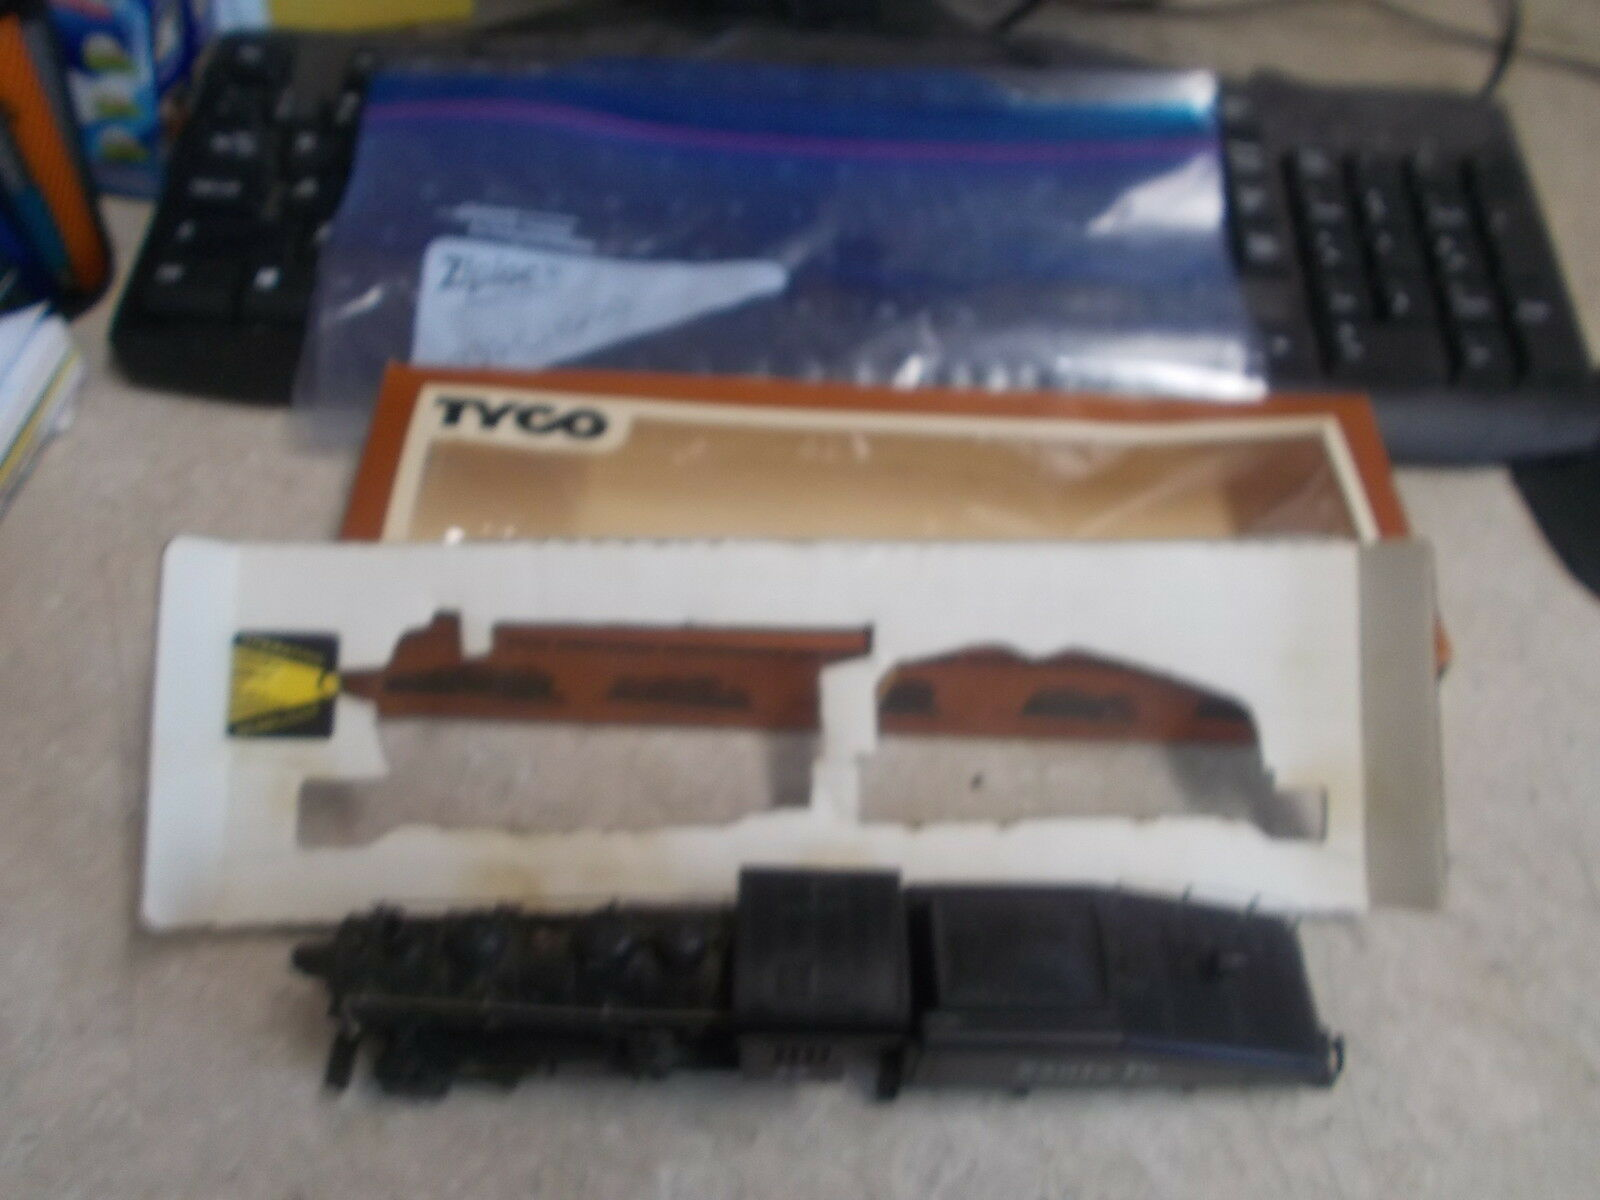 Oem Tyco Shifter II Treno Santa Fe Illuminato Motore & Carbone Auto Ho Modello